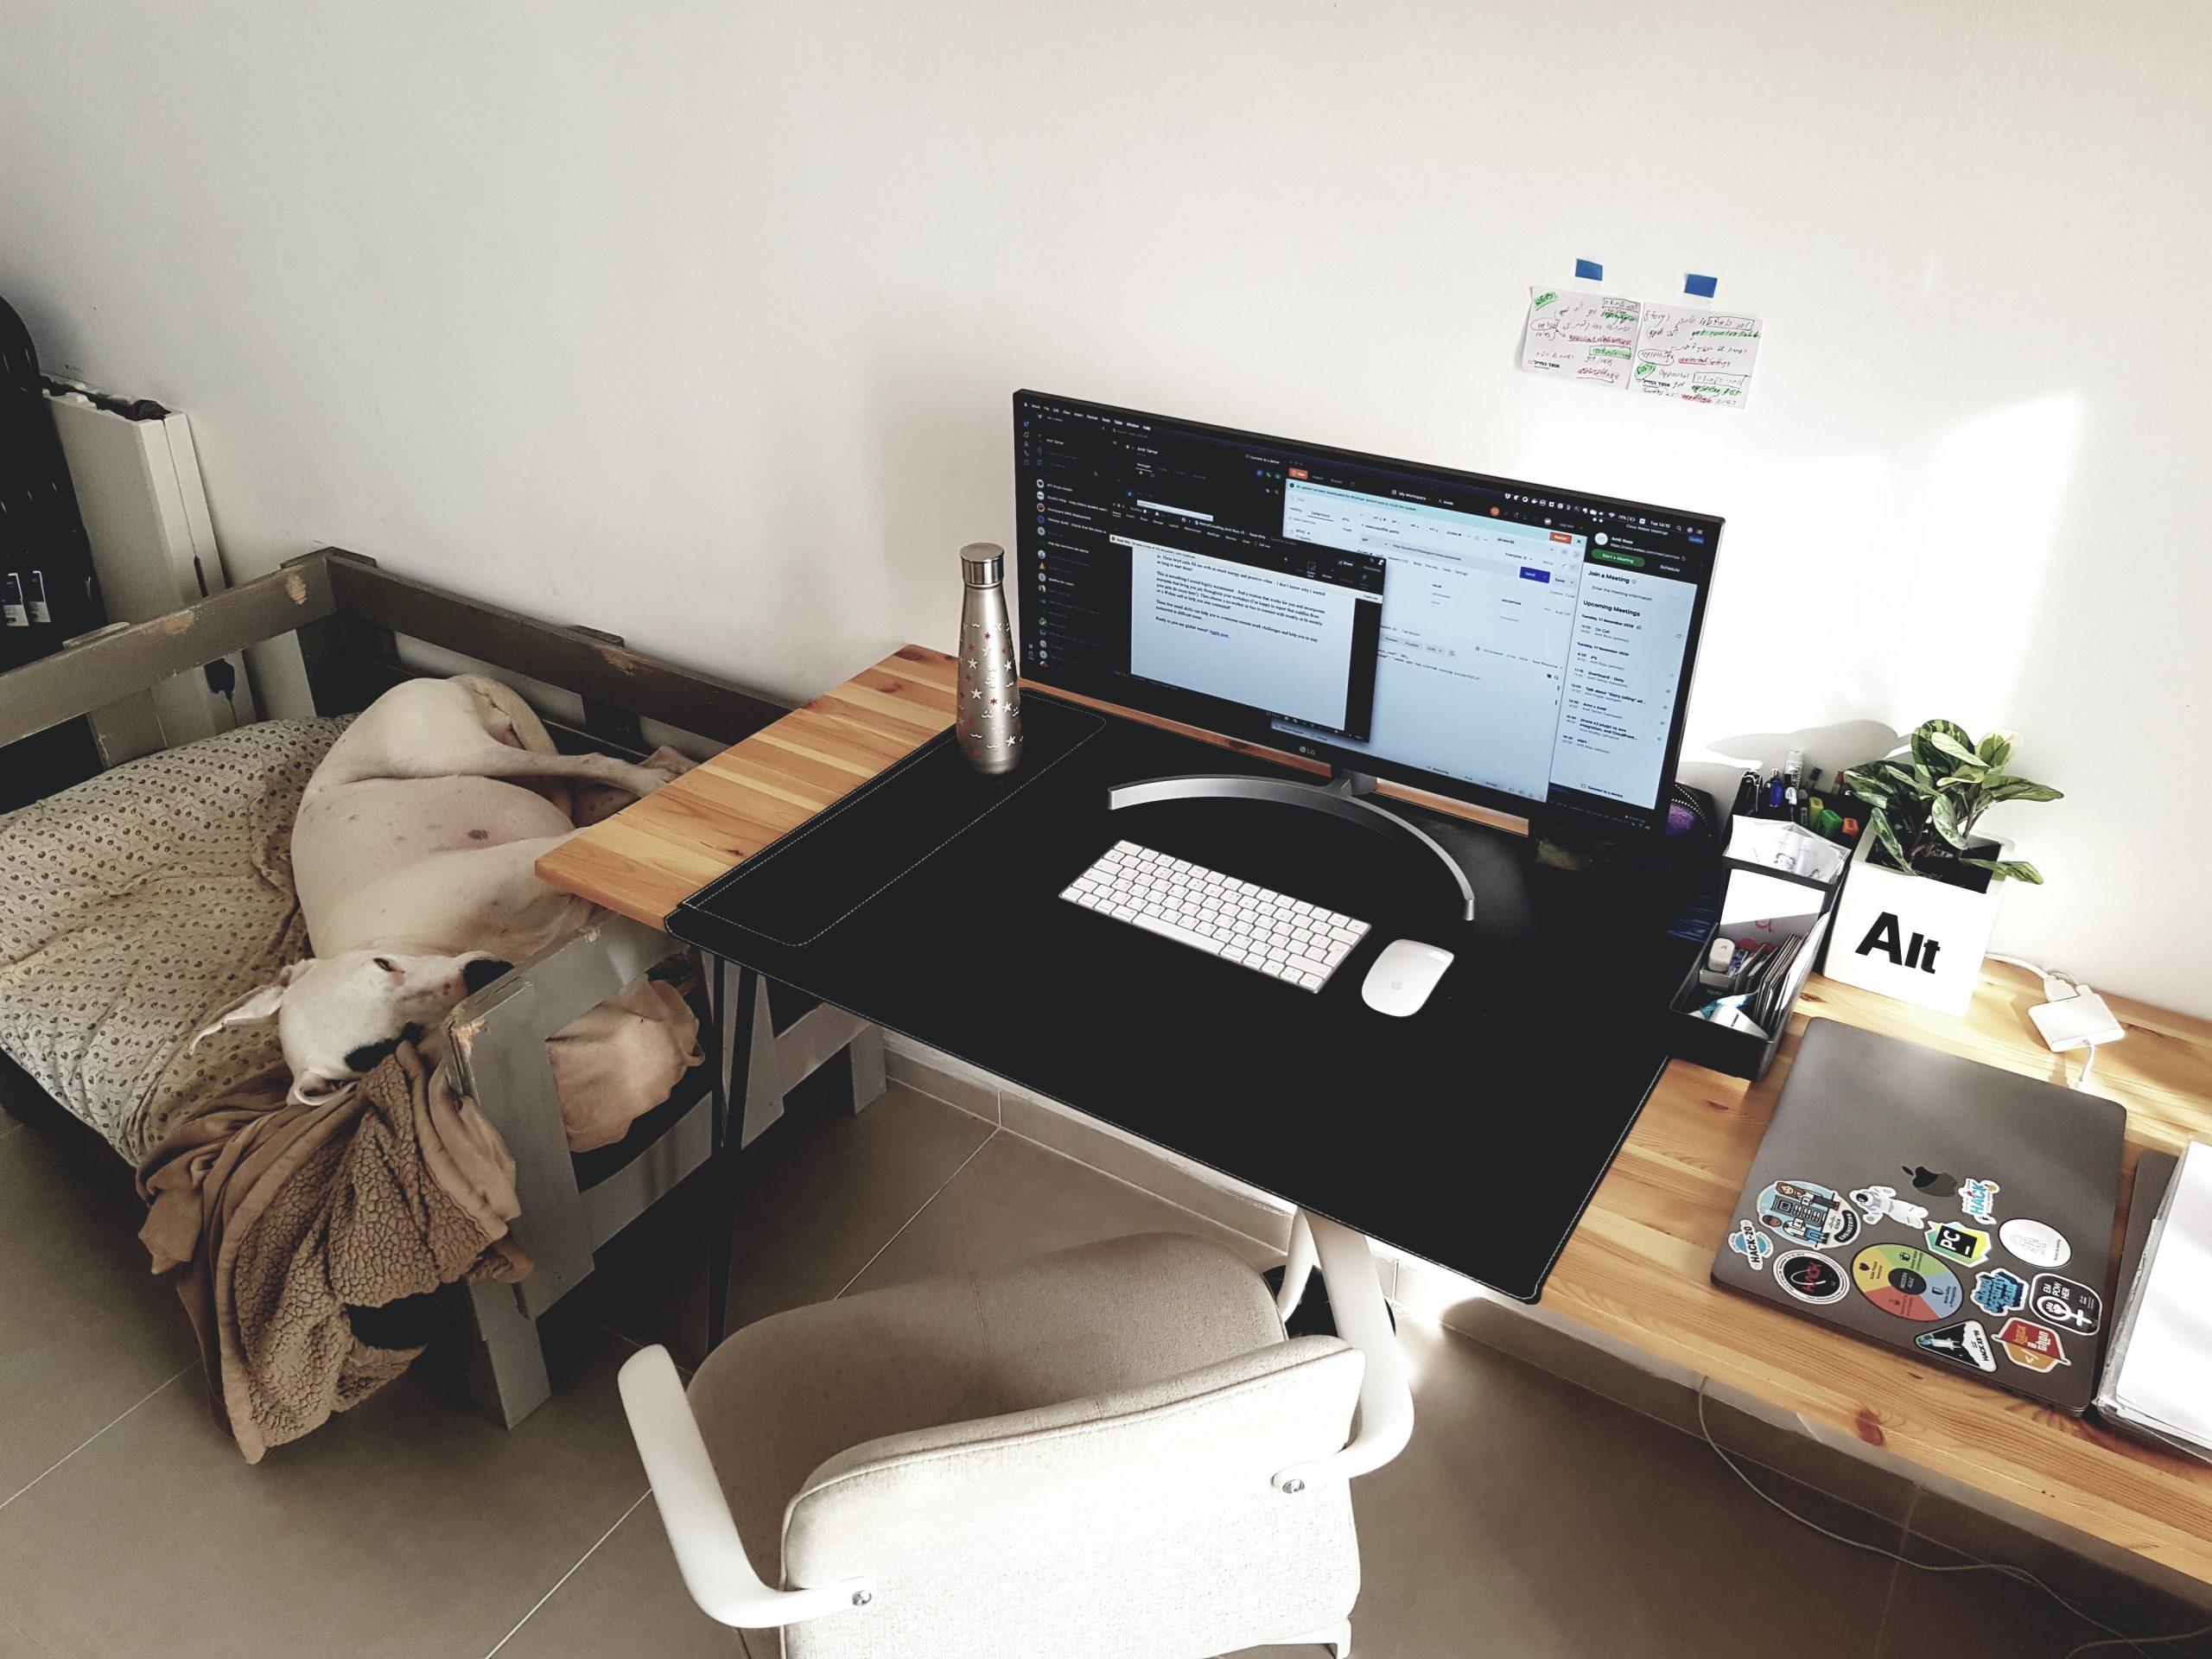 Amit's desk setup